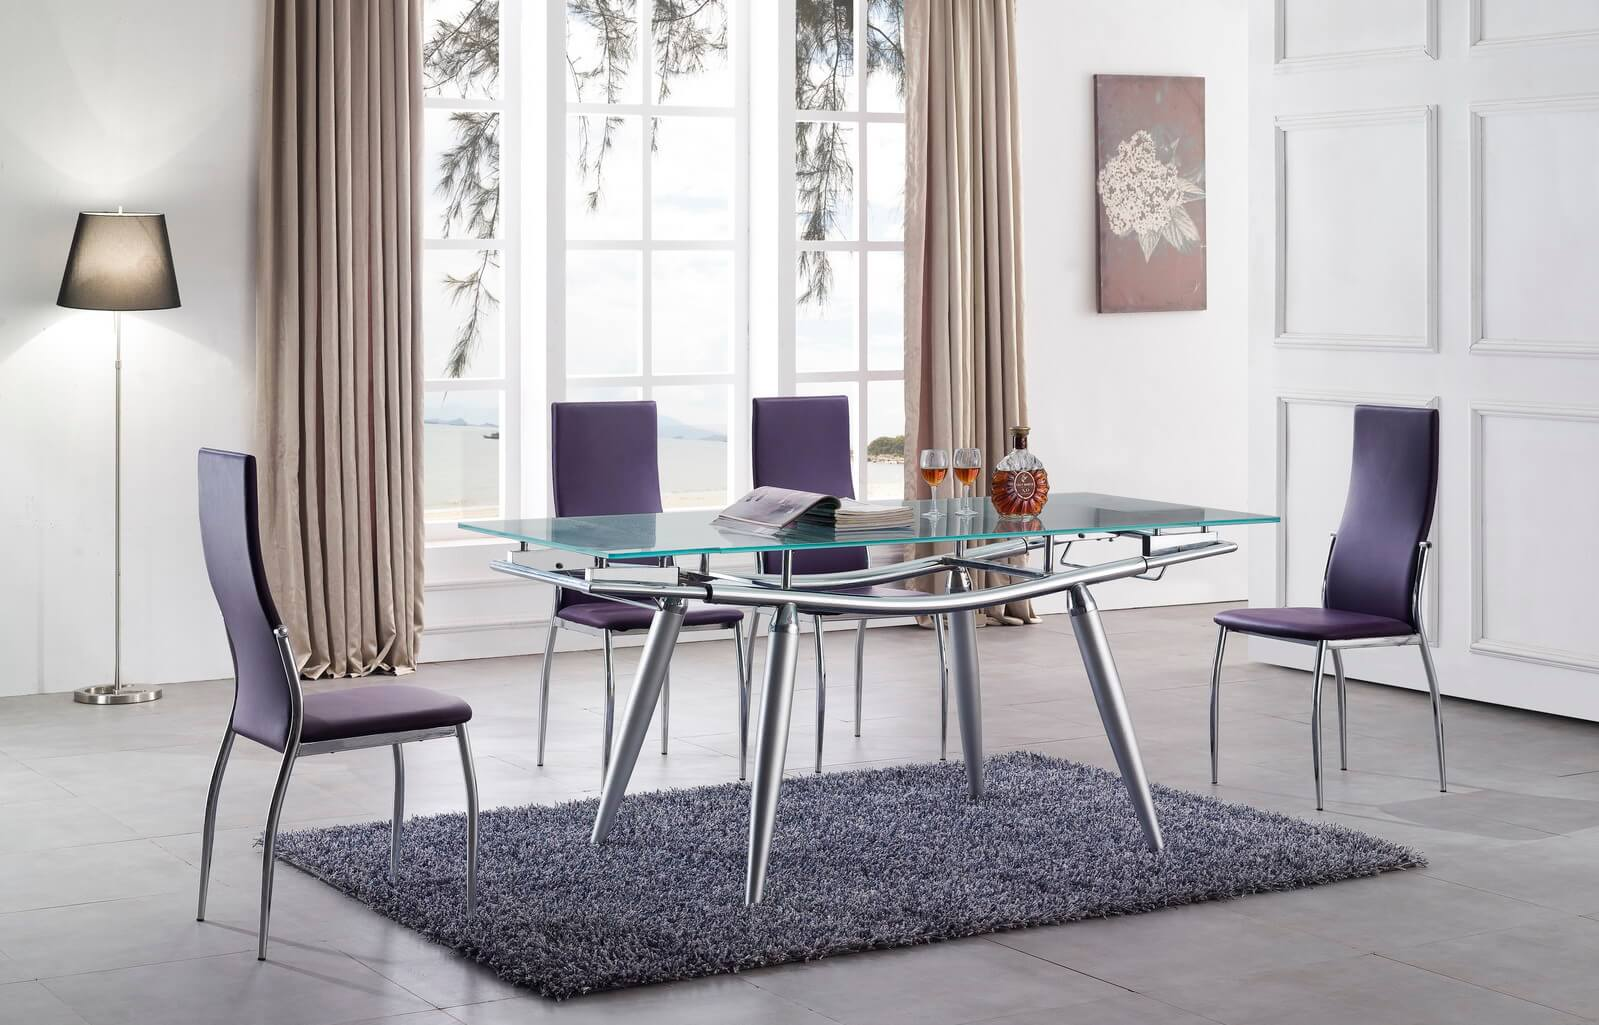 Кухонные стулья в современном стиле фиолетового цвета